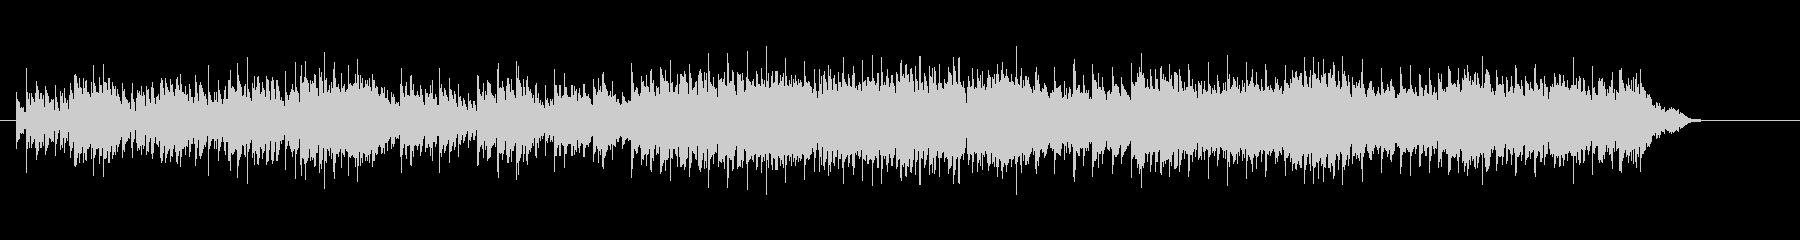 エレクトリック・ニューミュージックの未再生の波形